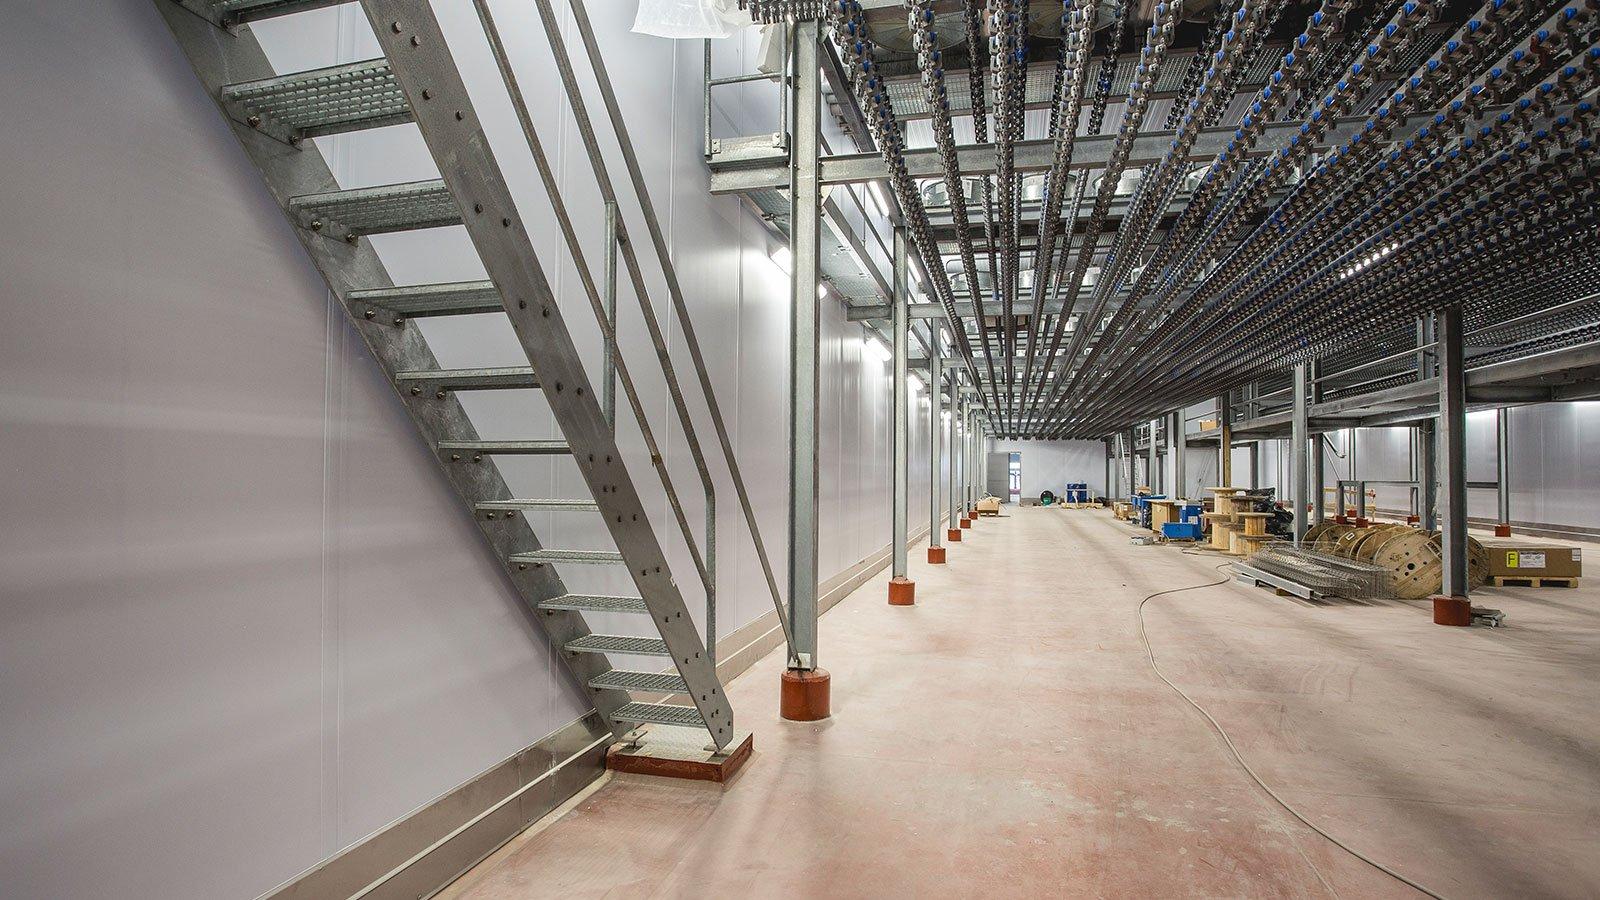 interno di uno stabile industriale con sulla sinistra una scala in ferro e in fondo del materiale da lavoro